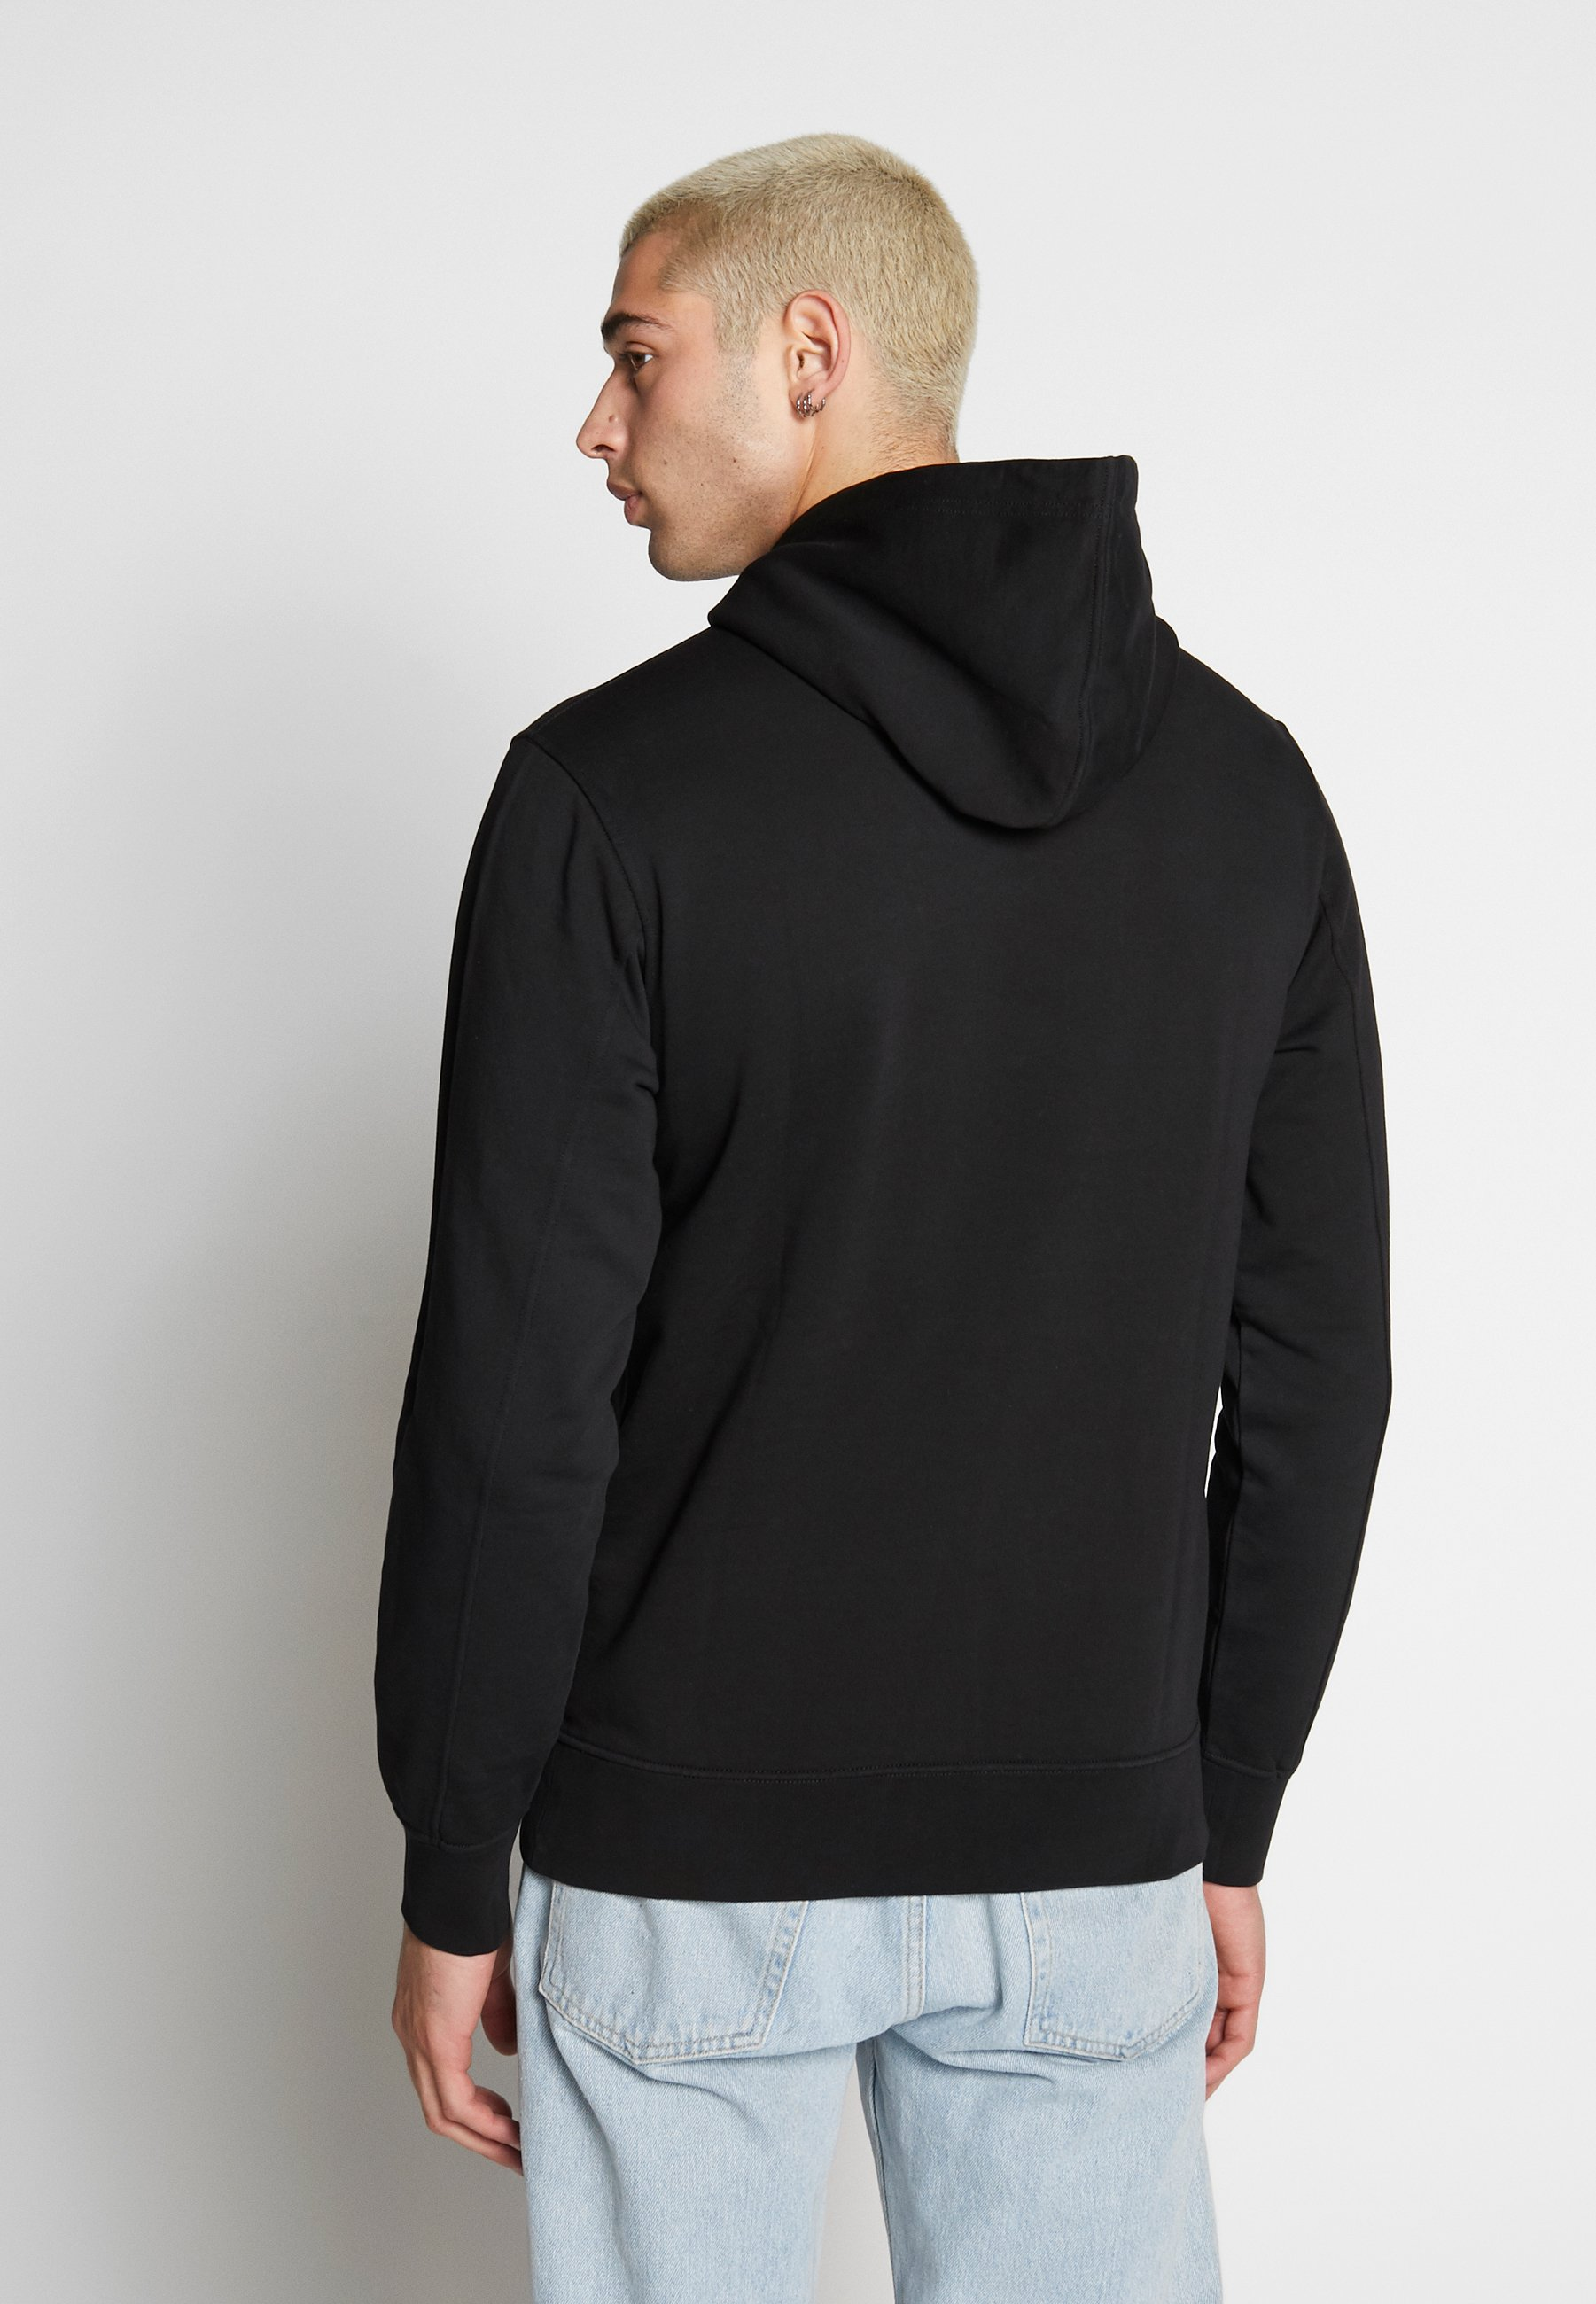 Hyviä Tarjouksia Miesten vaatteet Sarja dfKJIUp97454sfGHYHD Calvin Klein Jeans INSTIT CHEST LOGO HOODIE Huppari black